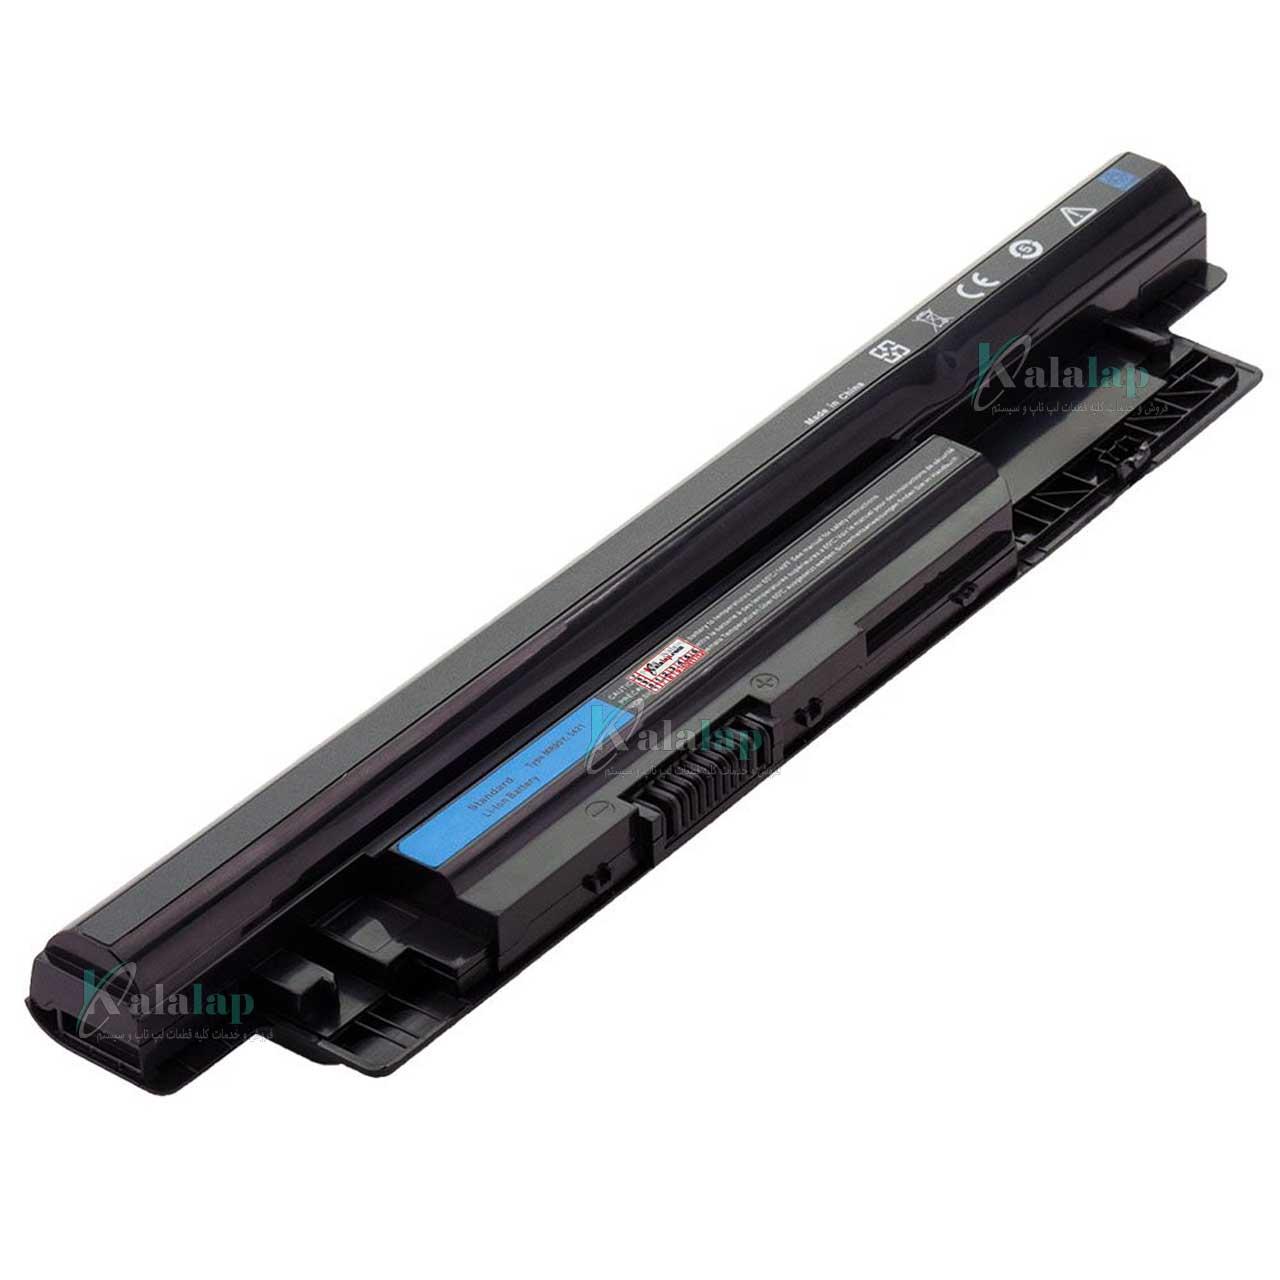 باتری لپ تاپ دل Battery Laptop Dell 3521